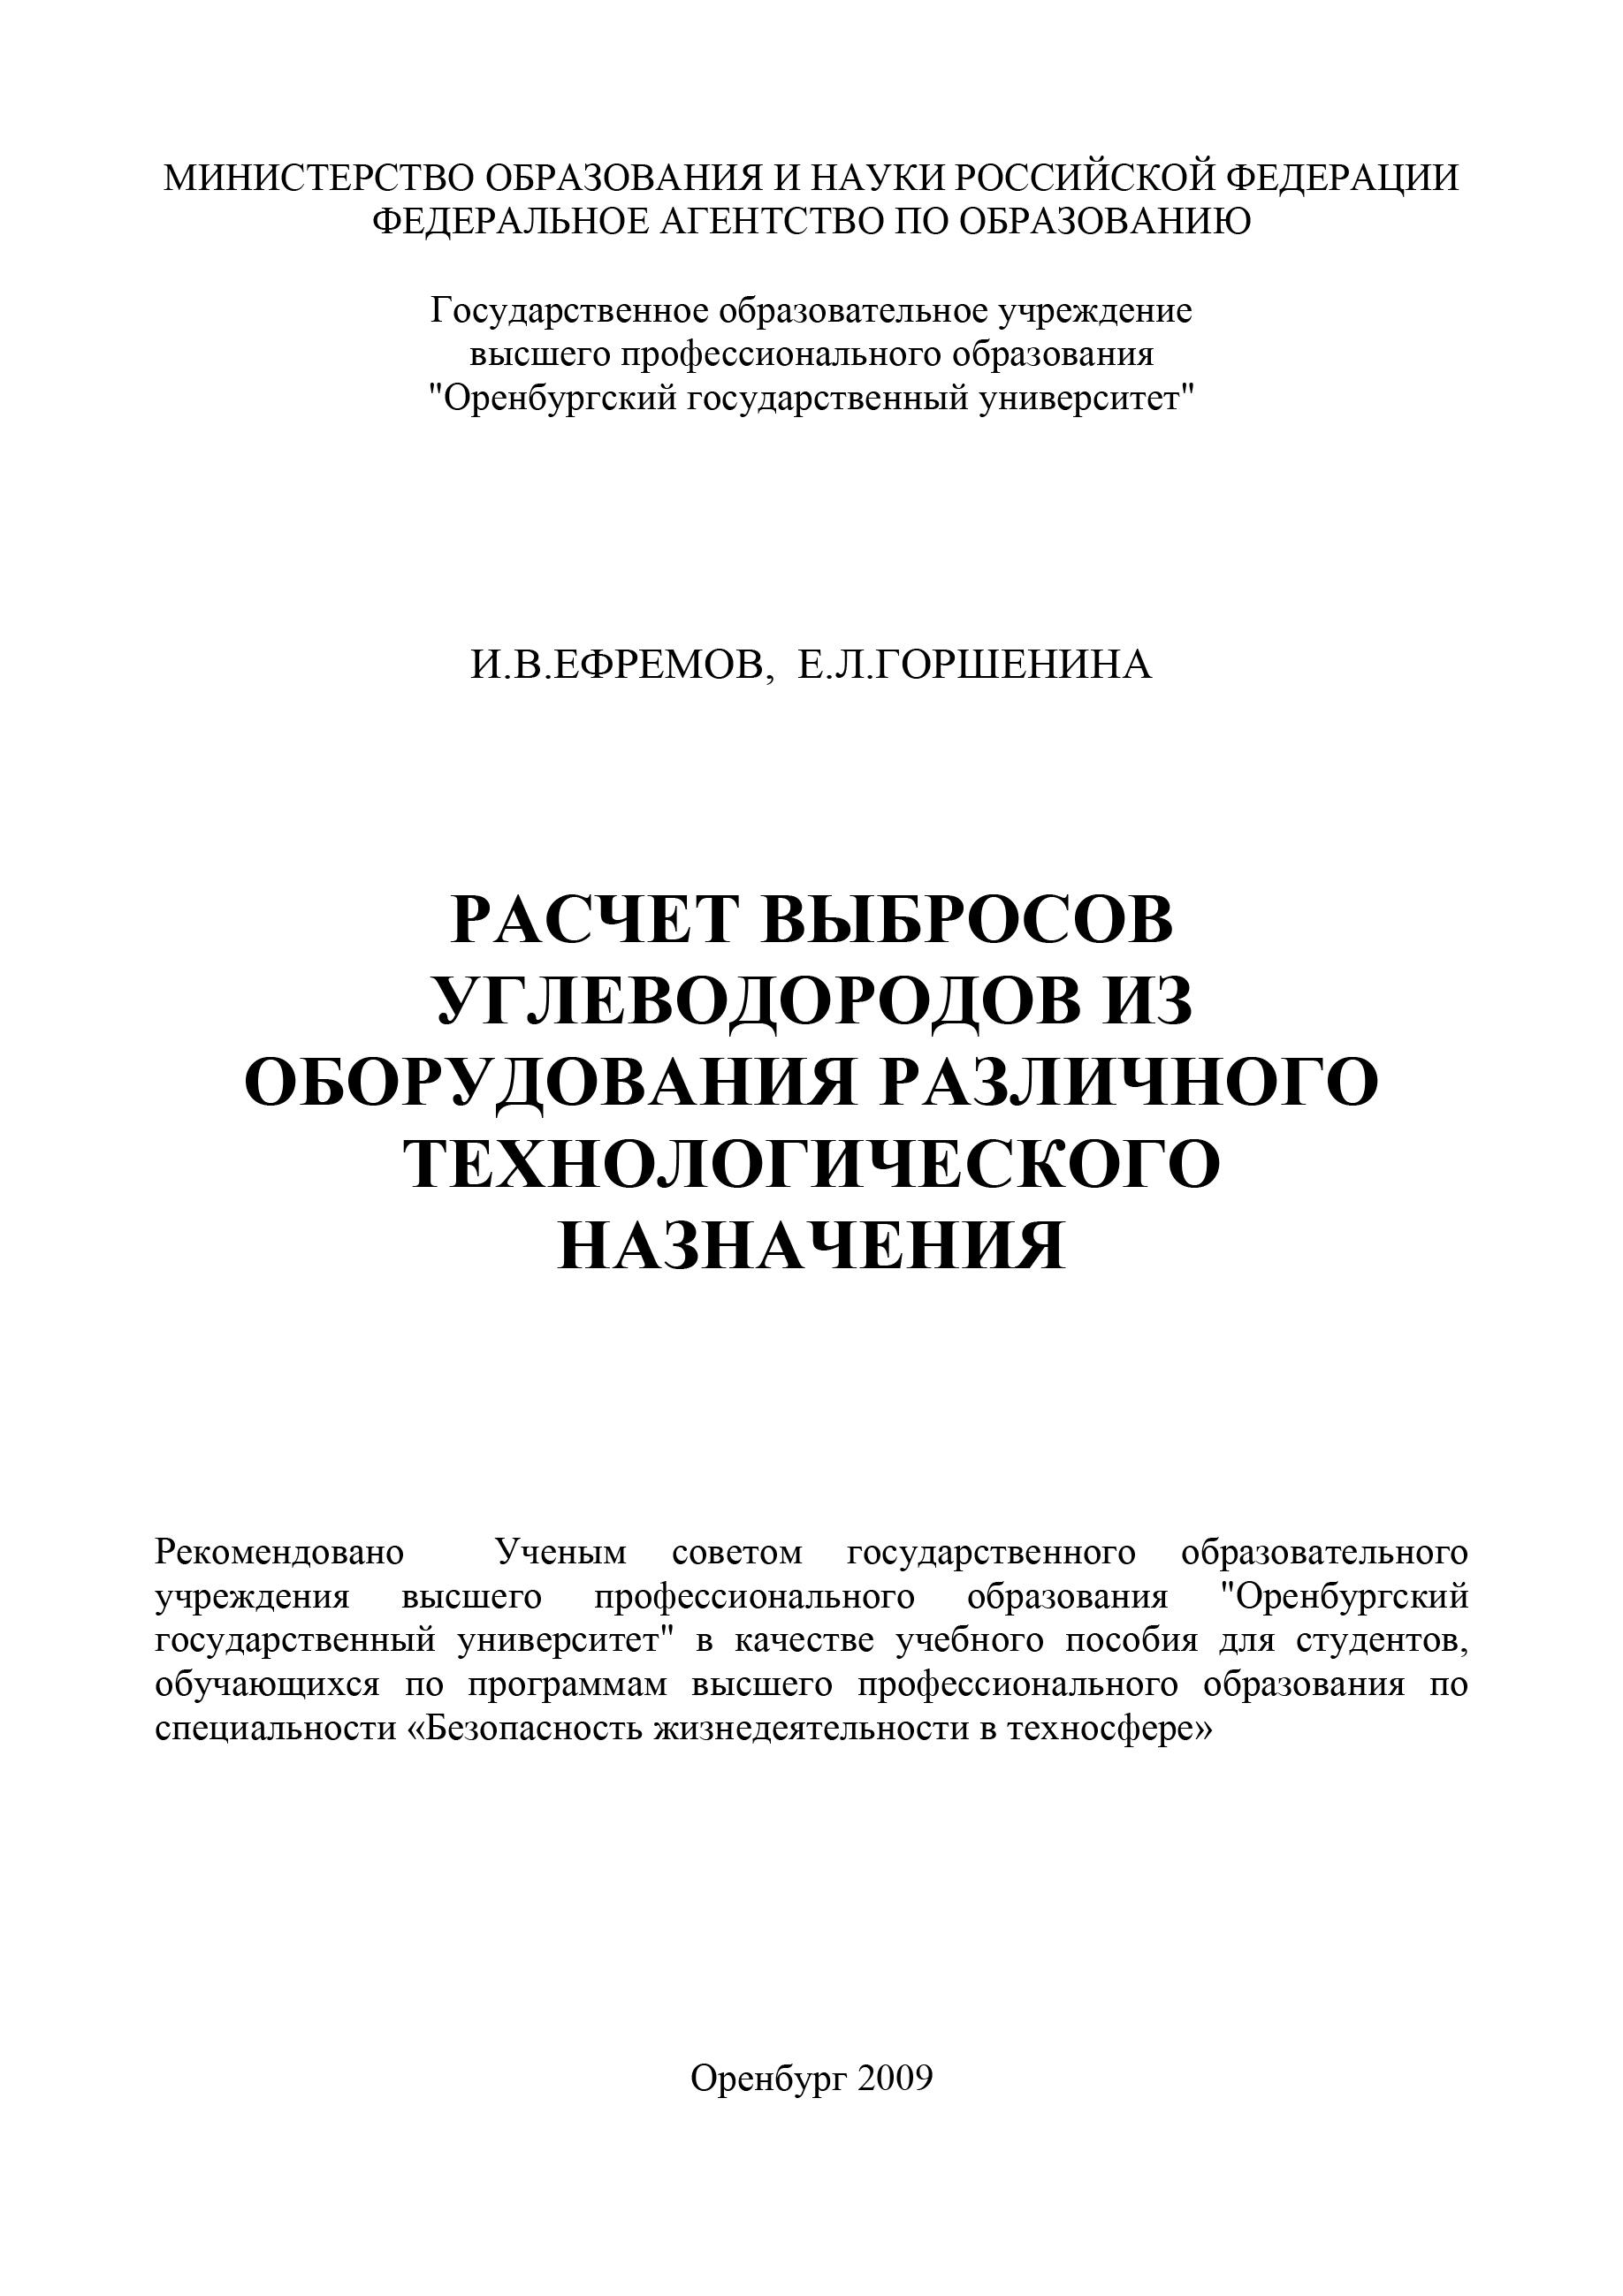 И. В. Ефремов Расчет выбросов углеводородов из оборудования различного технологического назначения